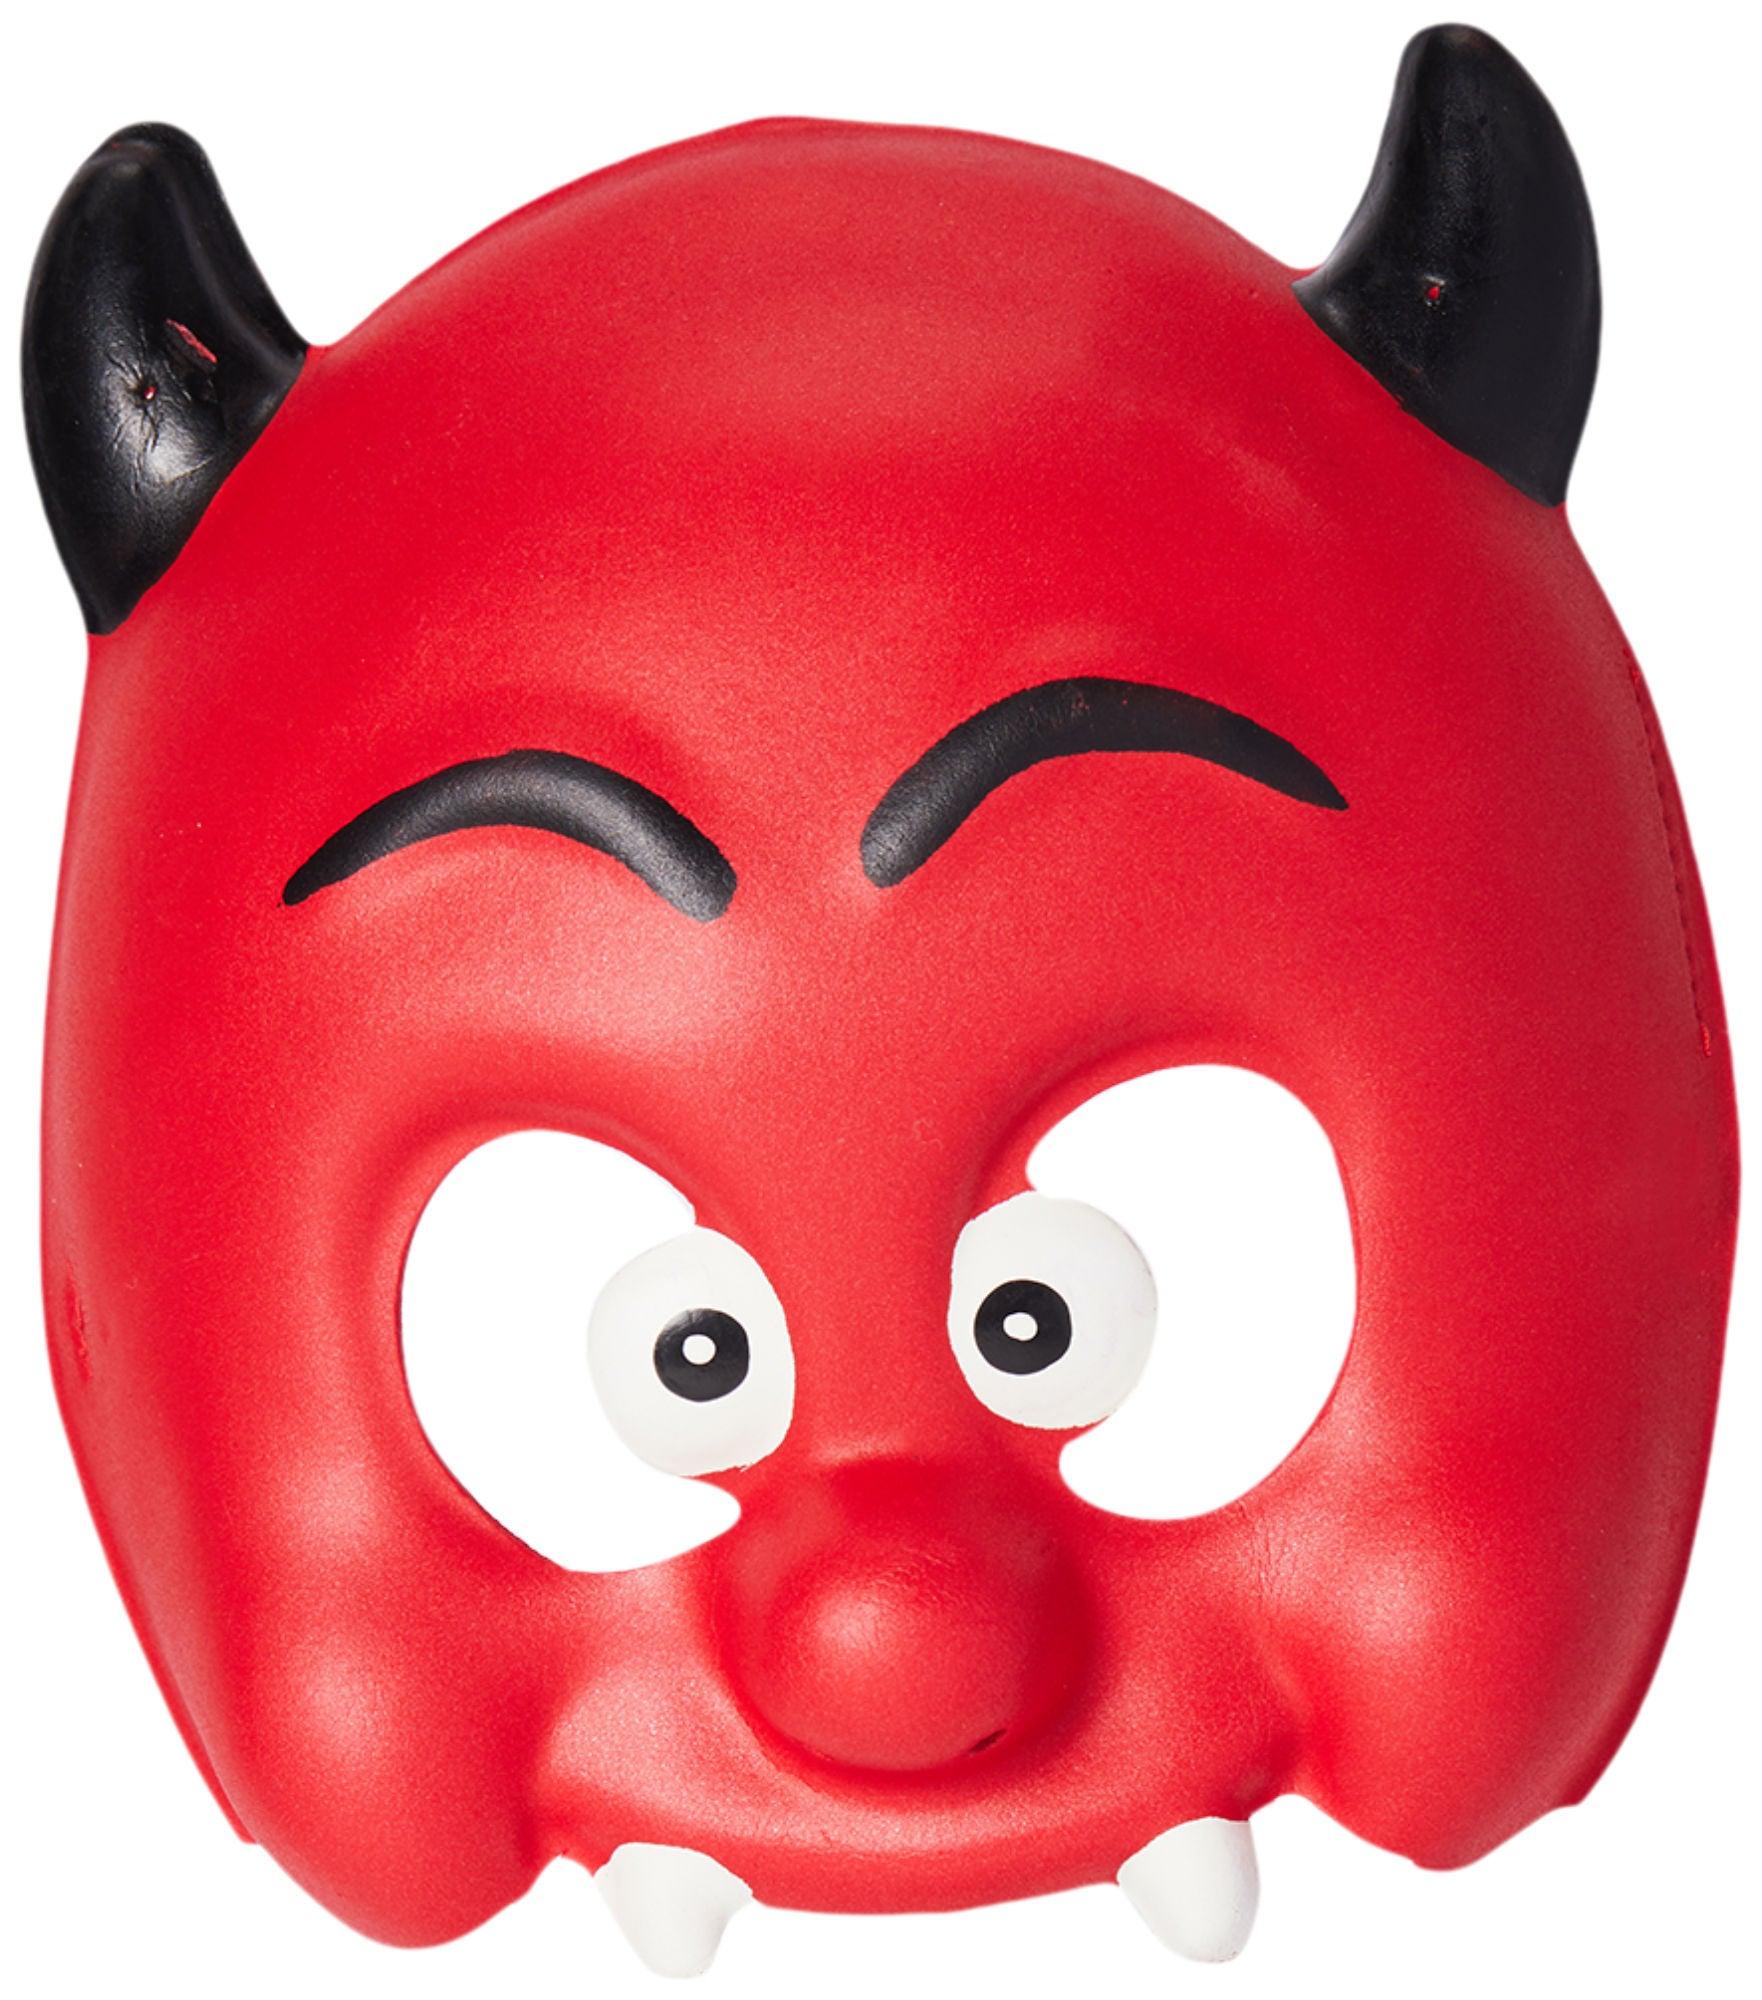 Naamiaisasu Naamio Paholainen Lapsille, Punainen